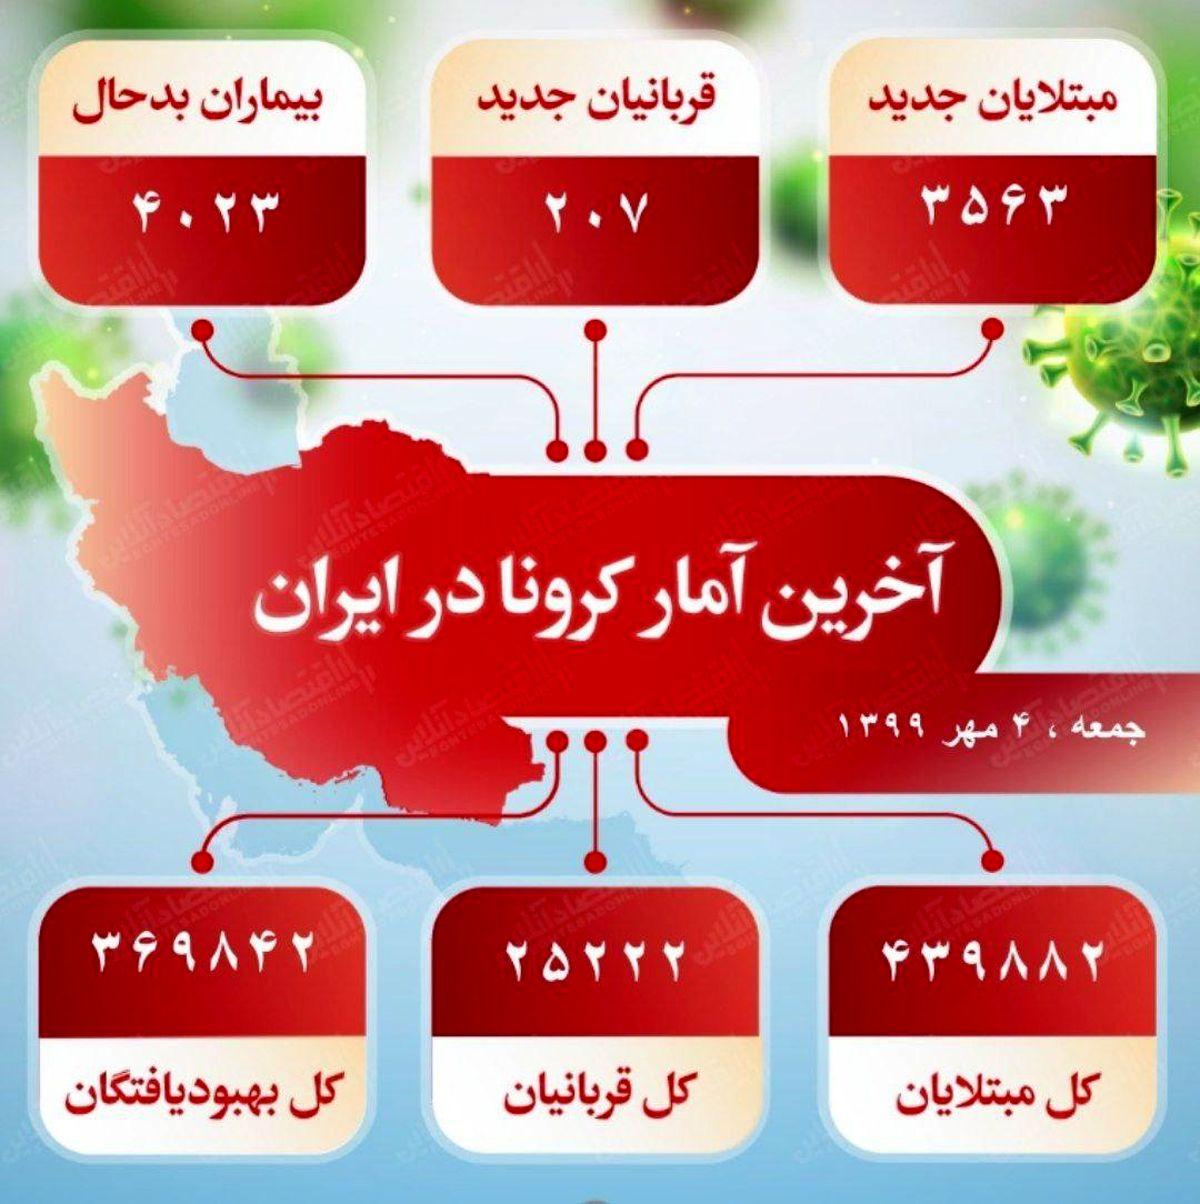 آخرین آمار کرونا در ایران (۱۳۹۹/۷/۴)